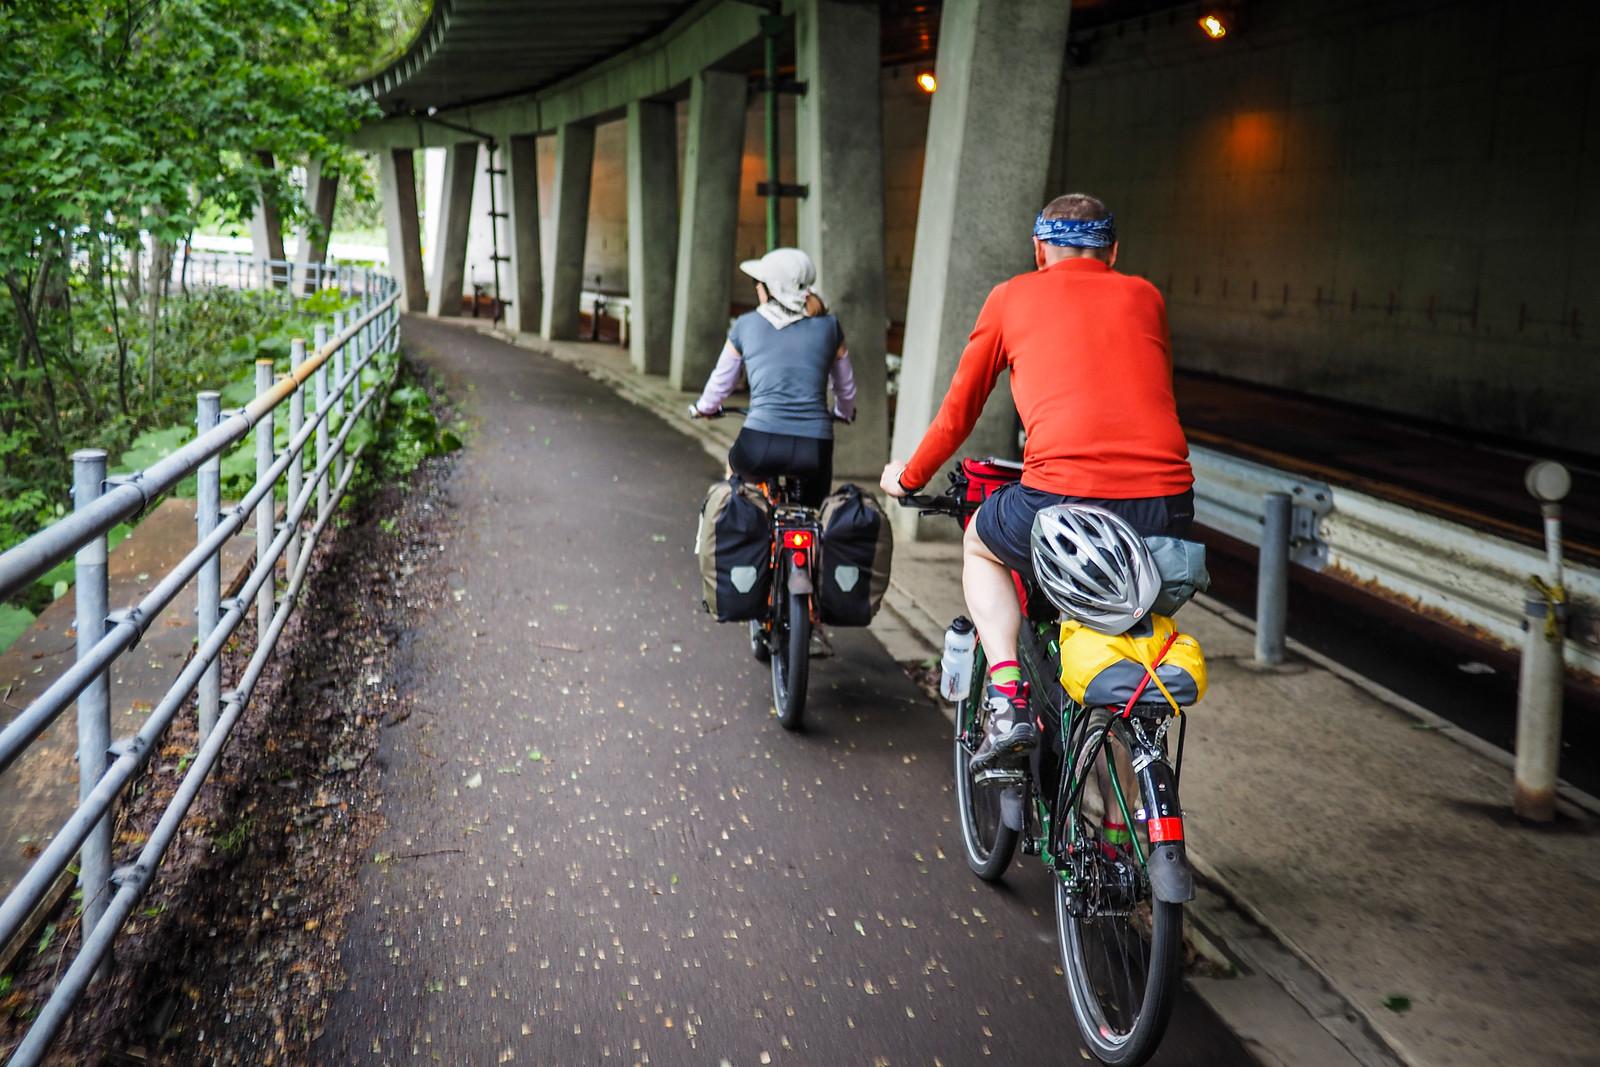 Lake Shikotsu Cycling Road (Sapporo, Japan)